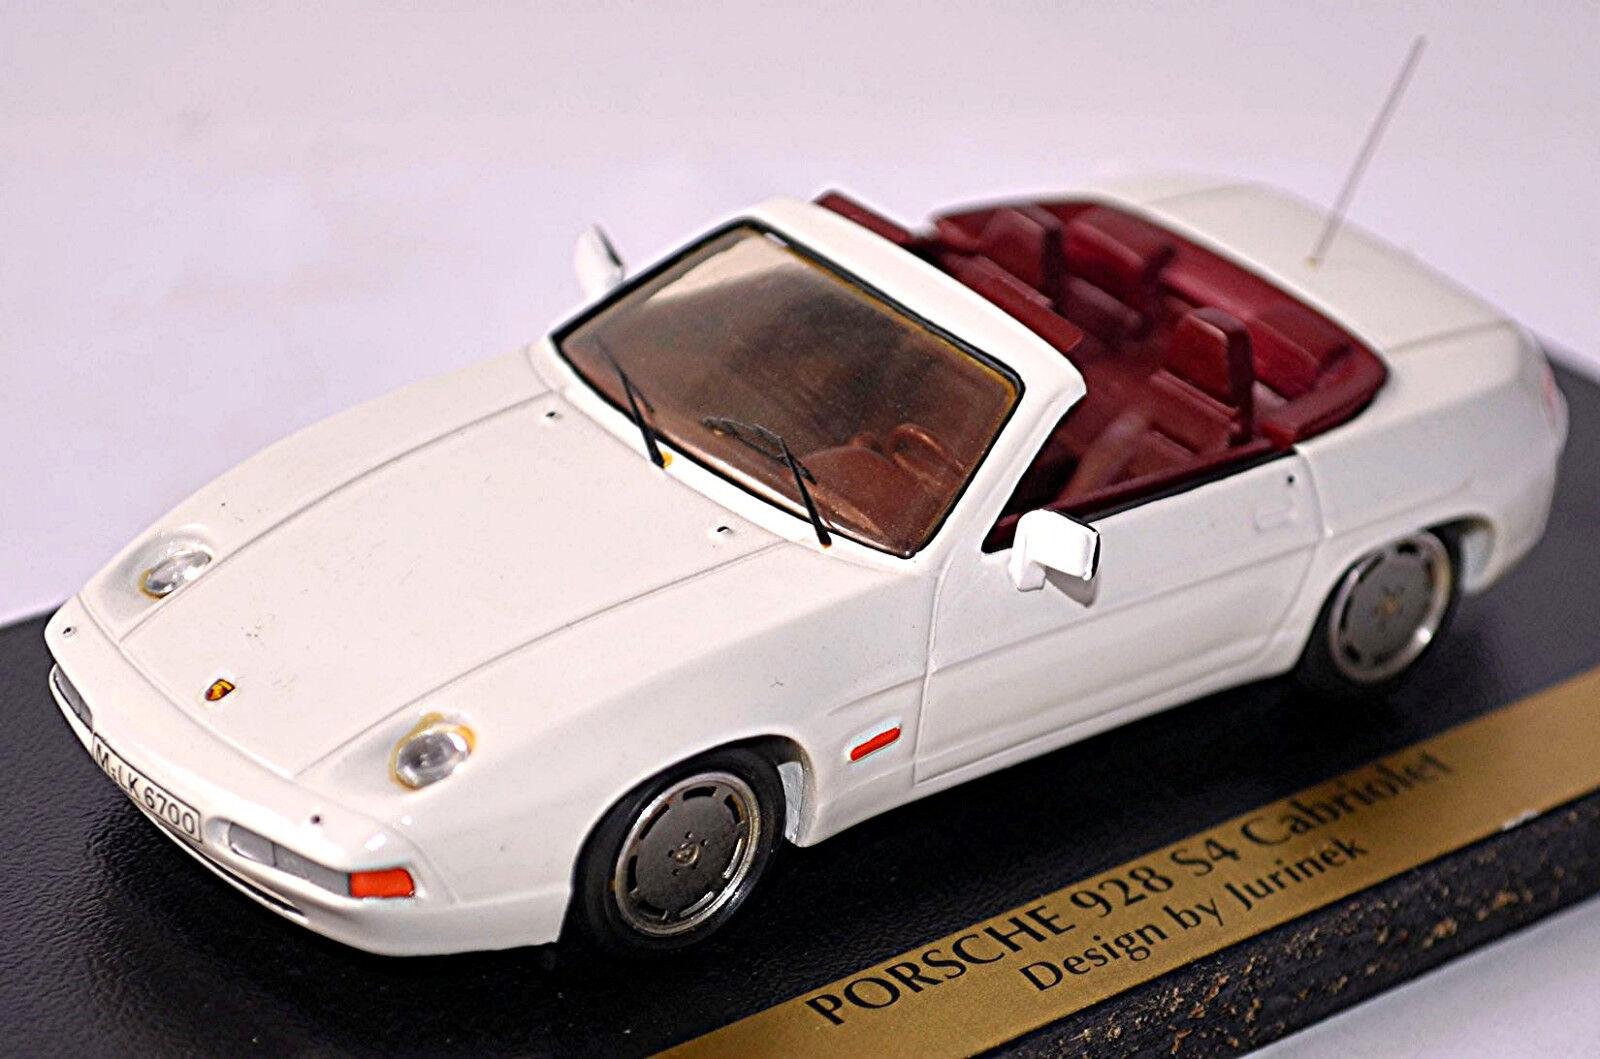 PORSCHE 928 s4 Cabriolet jurinek 1987-88 Blanc White White White 1:43 MOG Résine Model | Des Styles Différents  cc9639